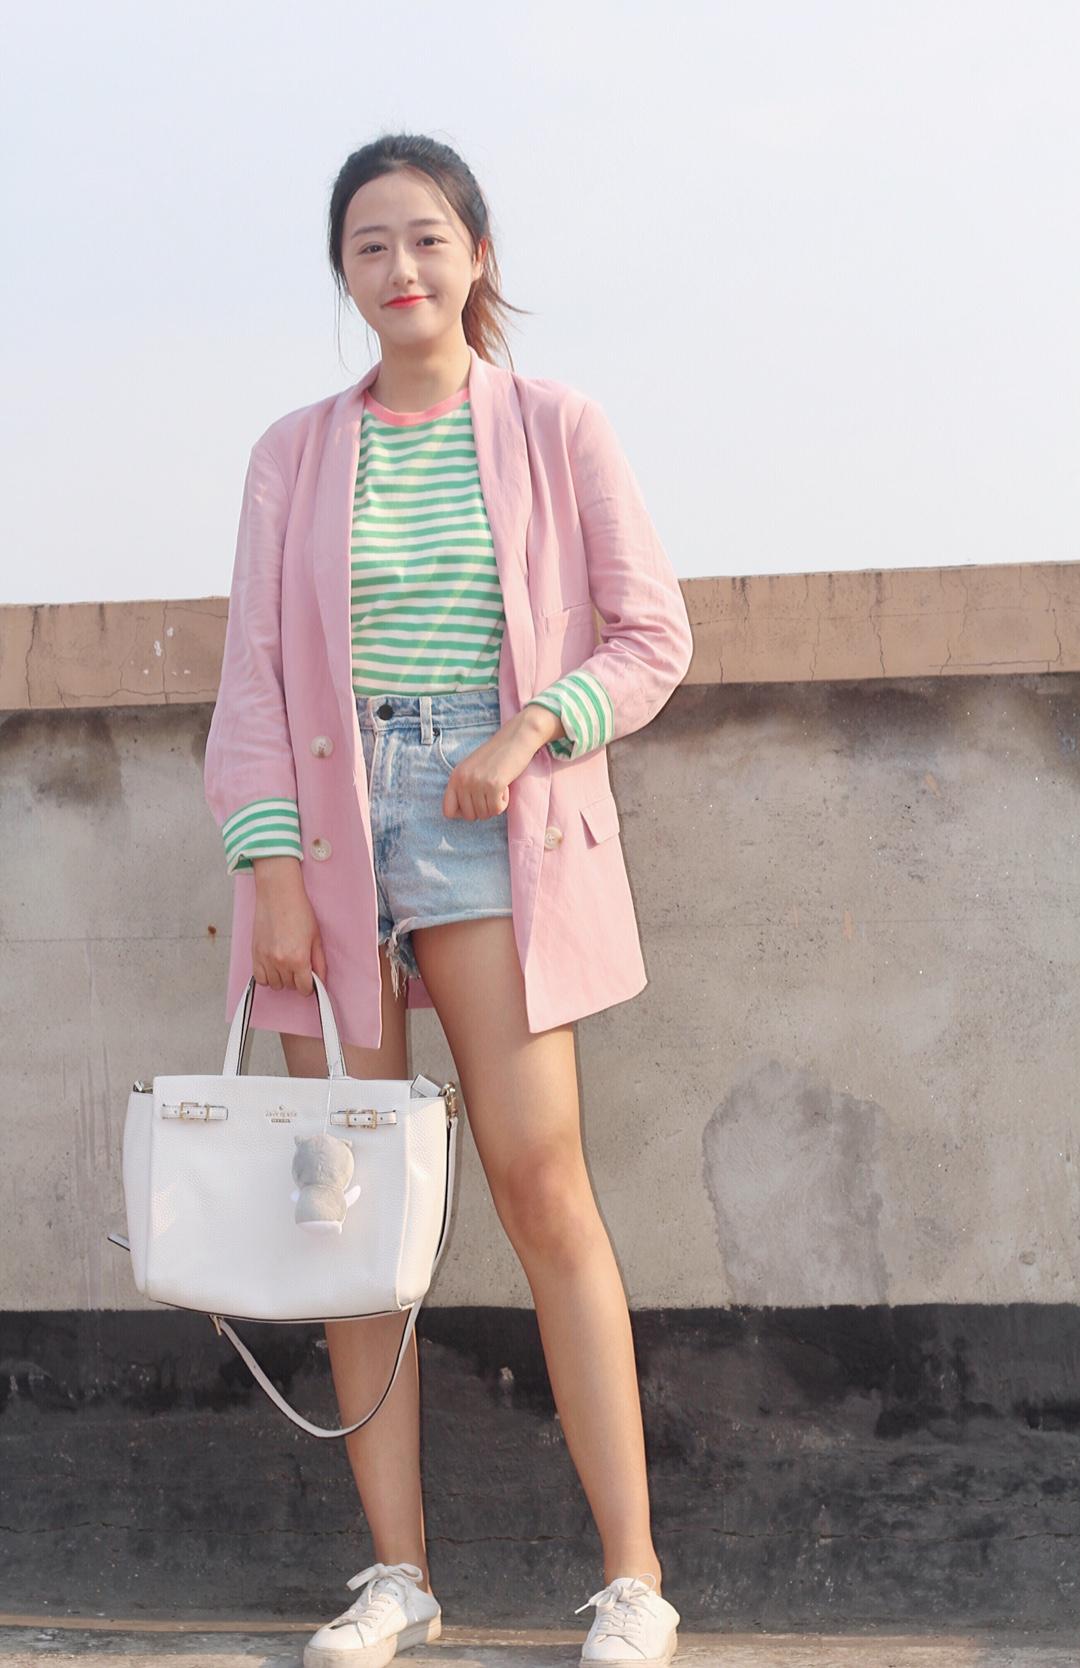 粉色撞绿色 谁说土呢 我看少女味十足 粉色是本人最喜欢的颜色之一 我用绿色条纹T恤搭配了粉色西装 里面内搭的圆领边是粉色的 形成相互呼应 活泼的出门啦 #五月day,愿你被温柔色的治愈#